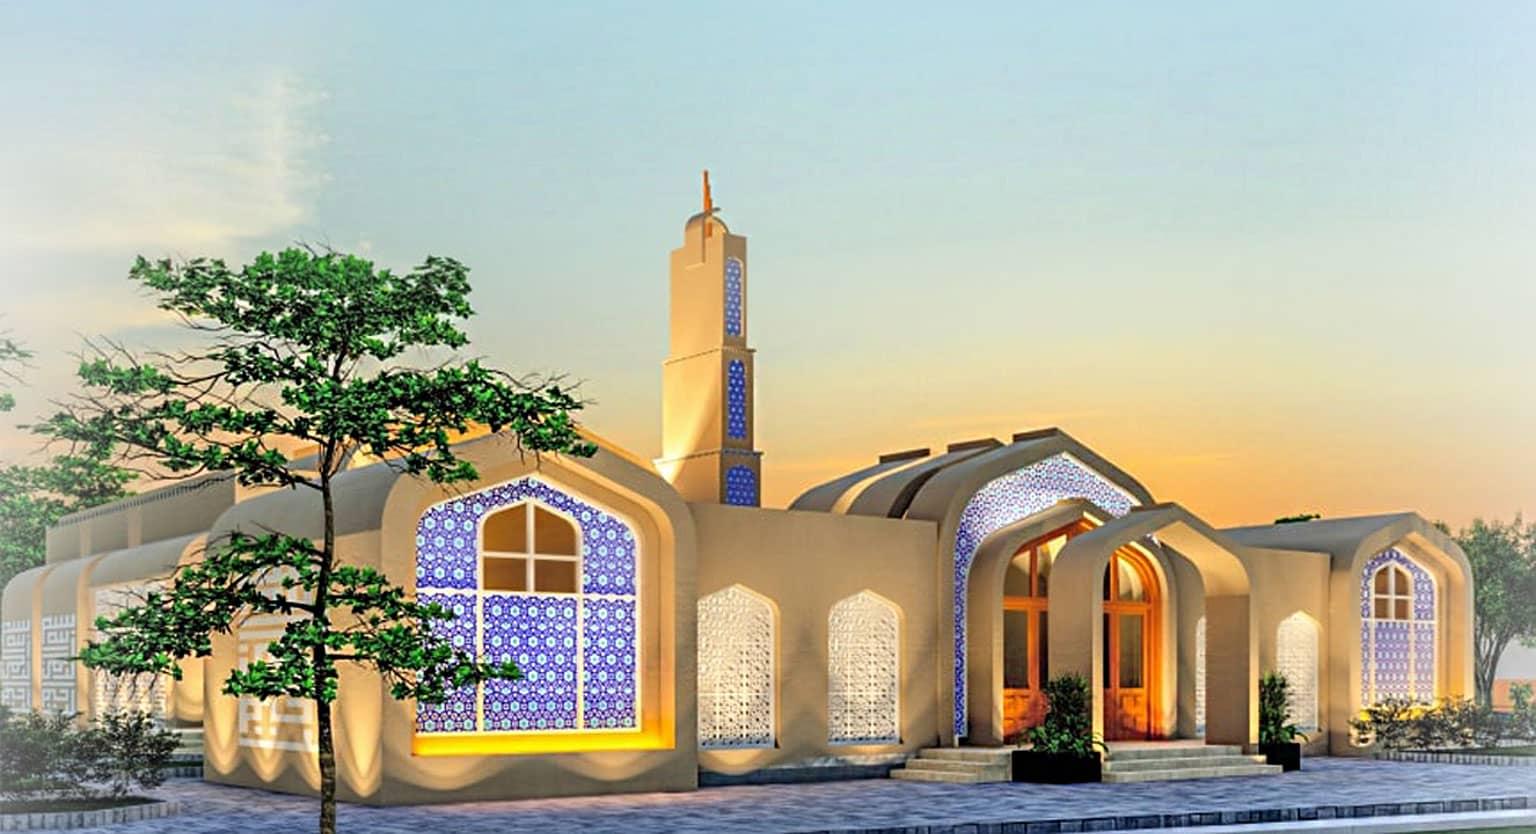 Rehmat-ul-lil Alimeen Mosque in Sector R - DHA Multan